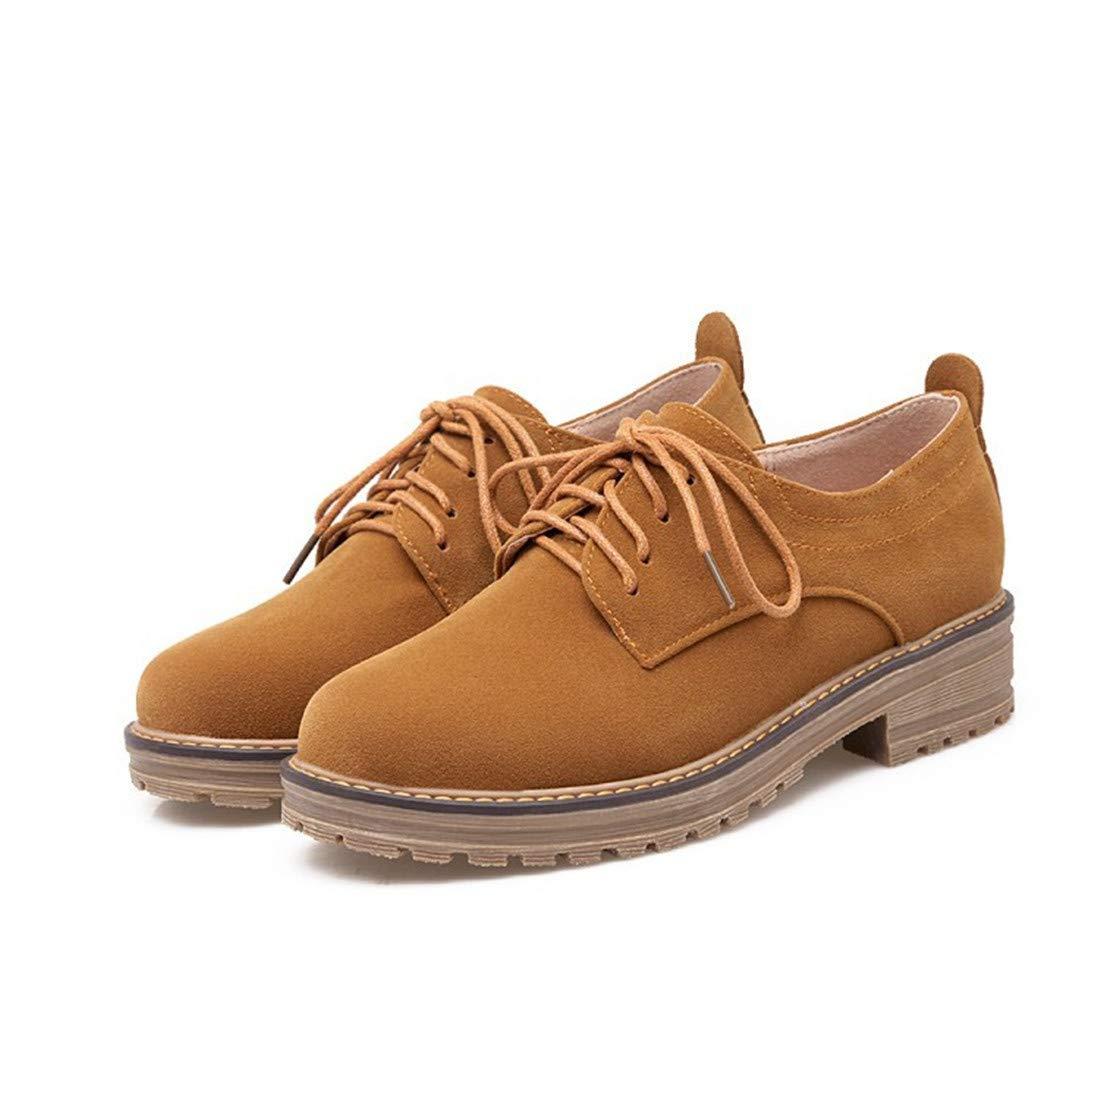 Sandalette-DEDE Bottes Confortables pour Femmes, Chaussures décontractées à Lacets Talons Bas, Chaussures à Lacets à pour étudiants 37|Camel 118073